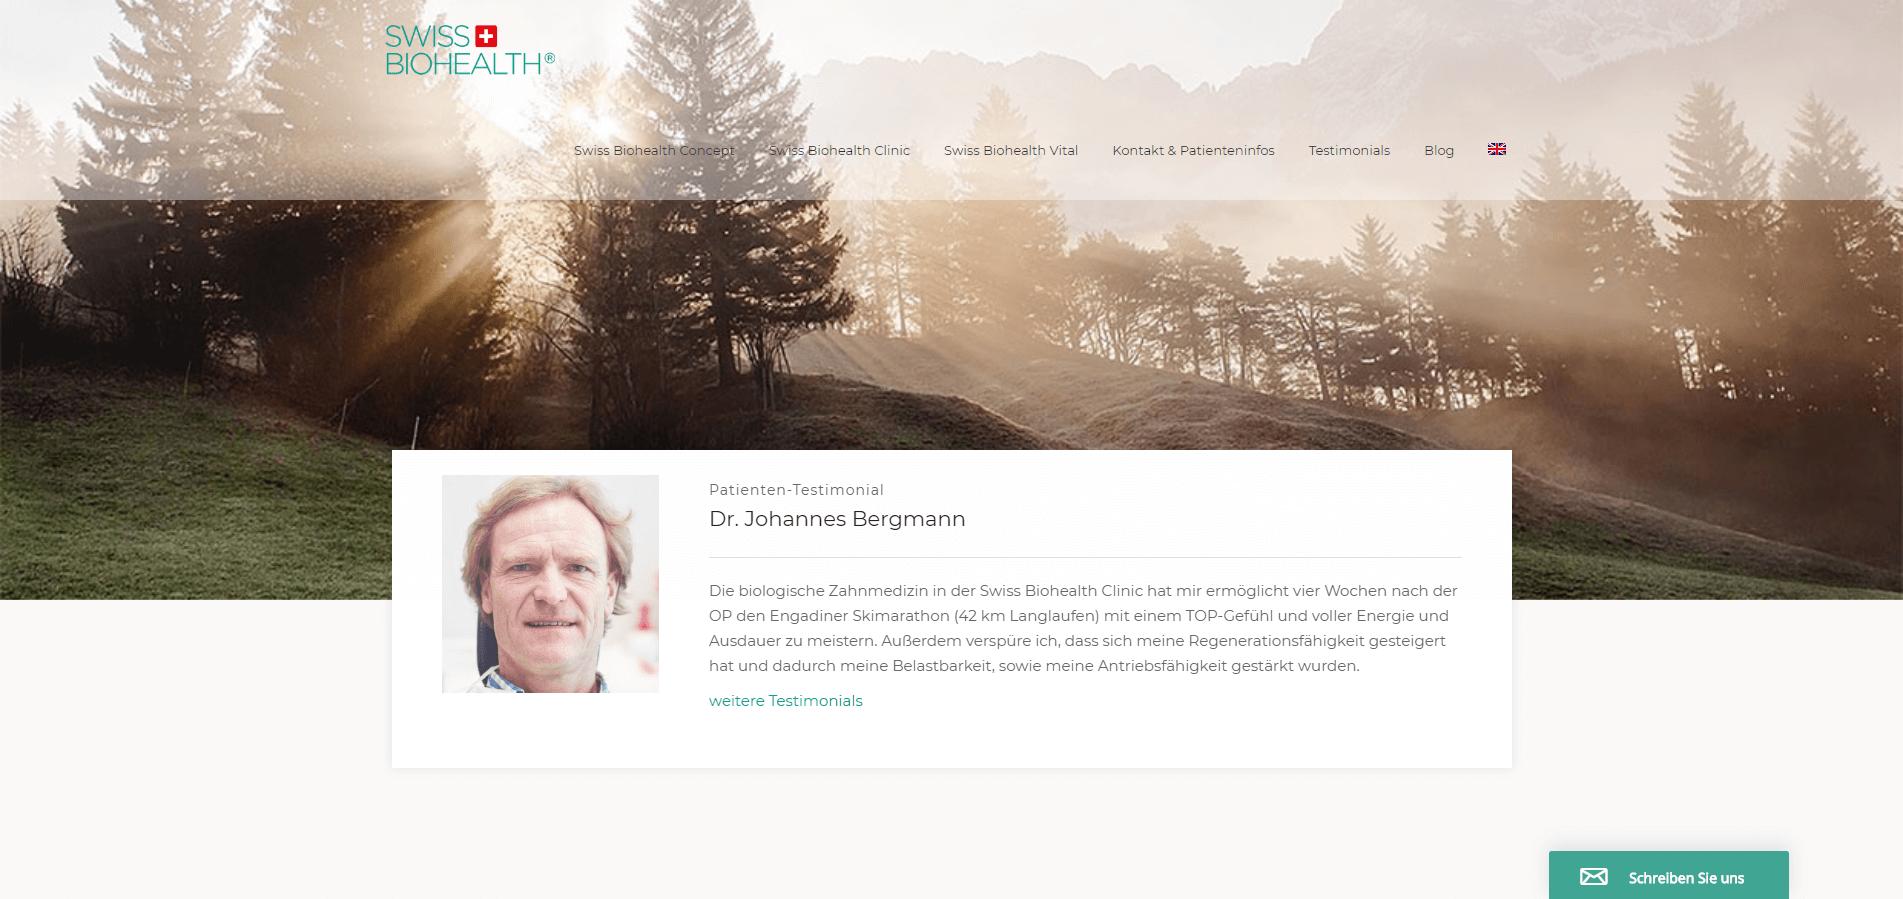 swiss-biohealth.com